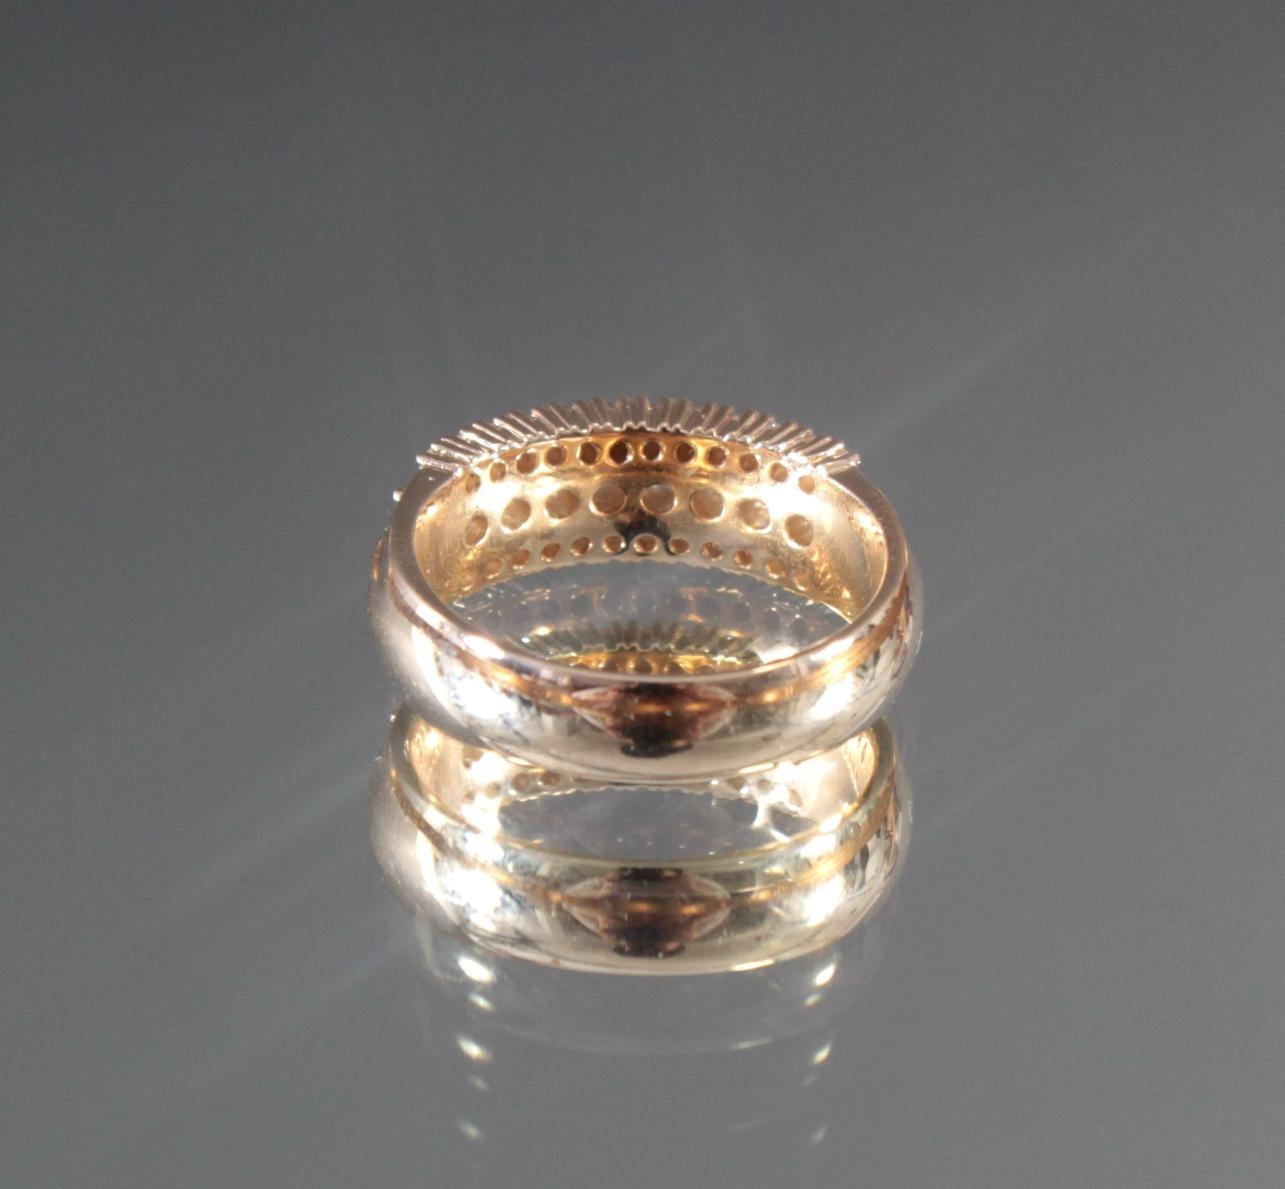 Damenring mit Diamanten aus 14 Karat Gelbgold-4